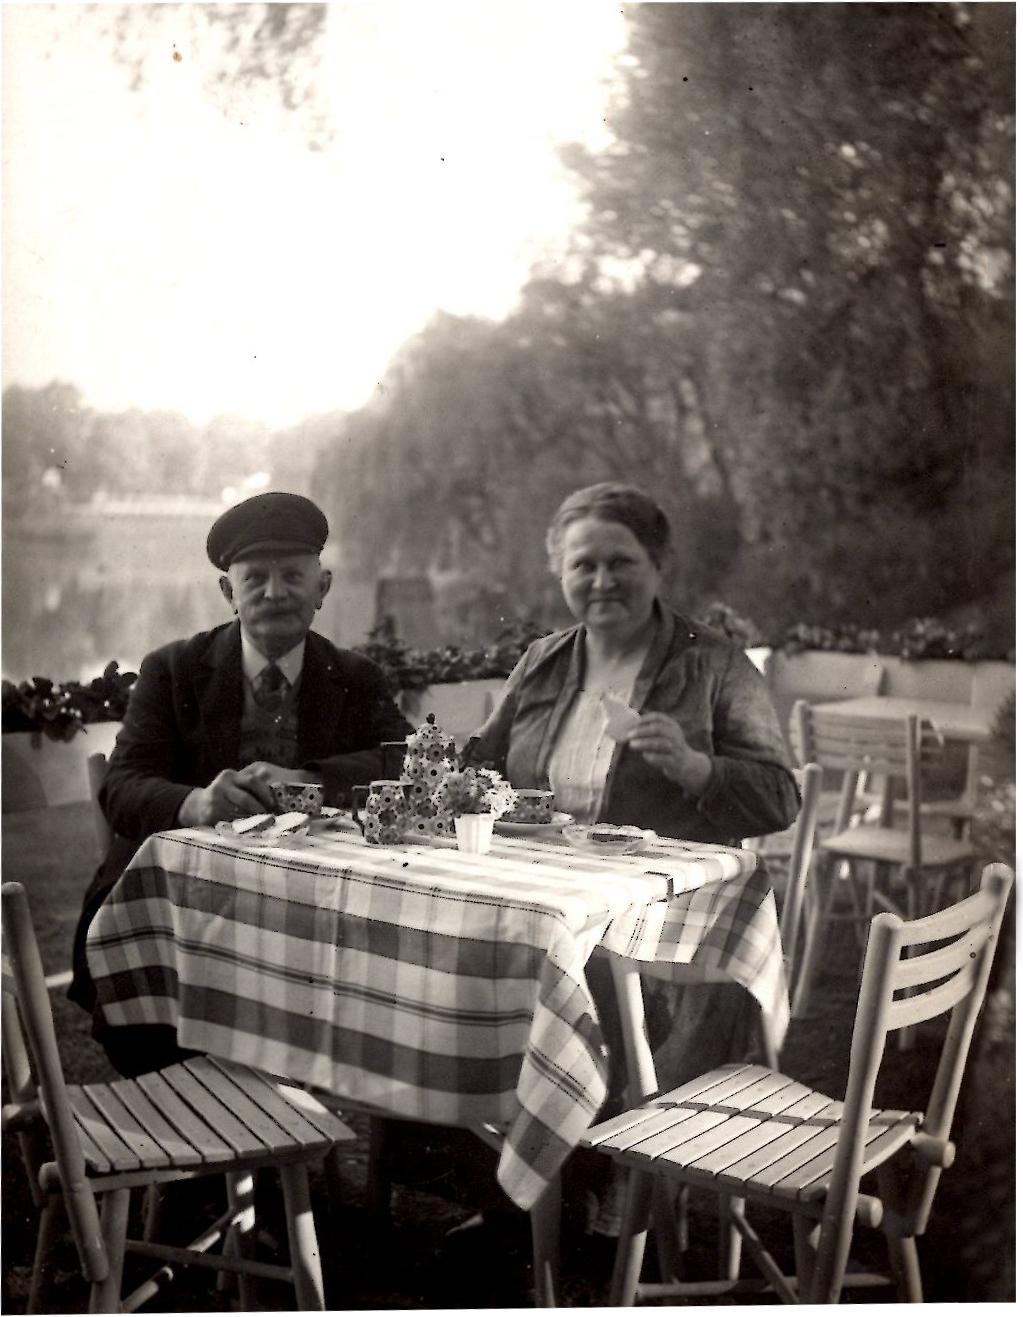 Weissensee - 1930 Die Pächter und das Cafe